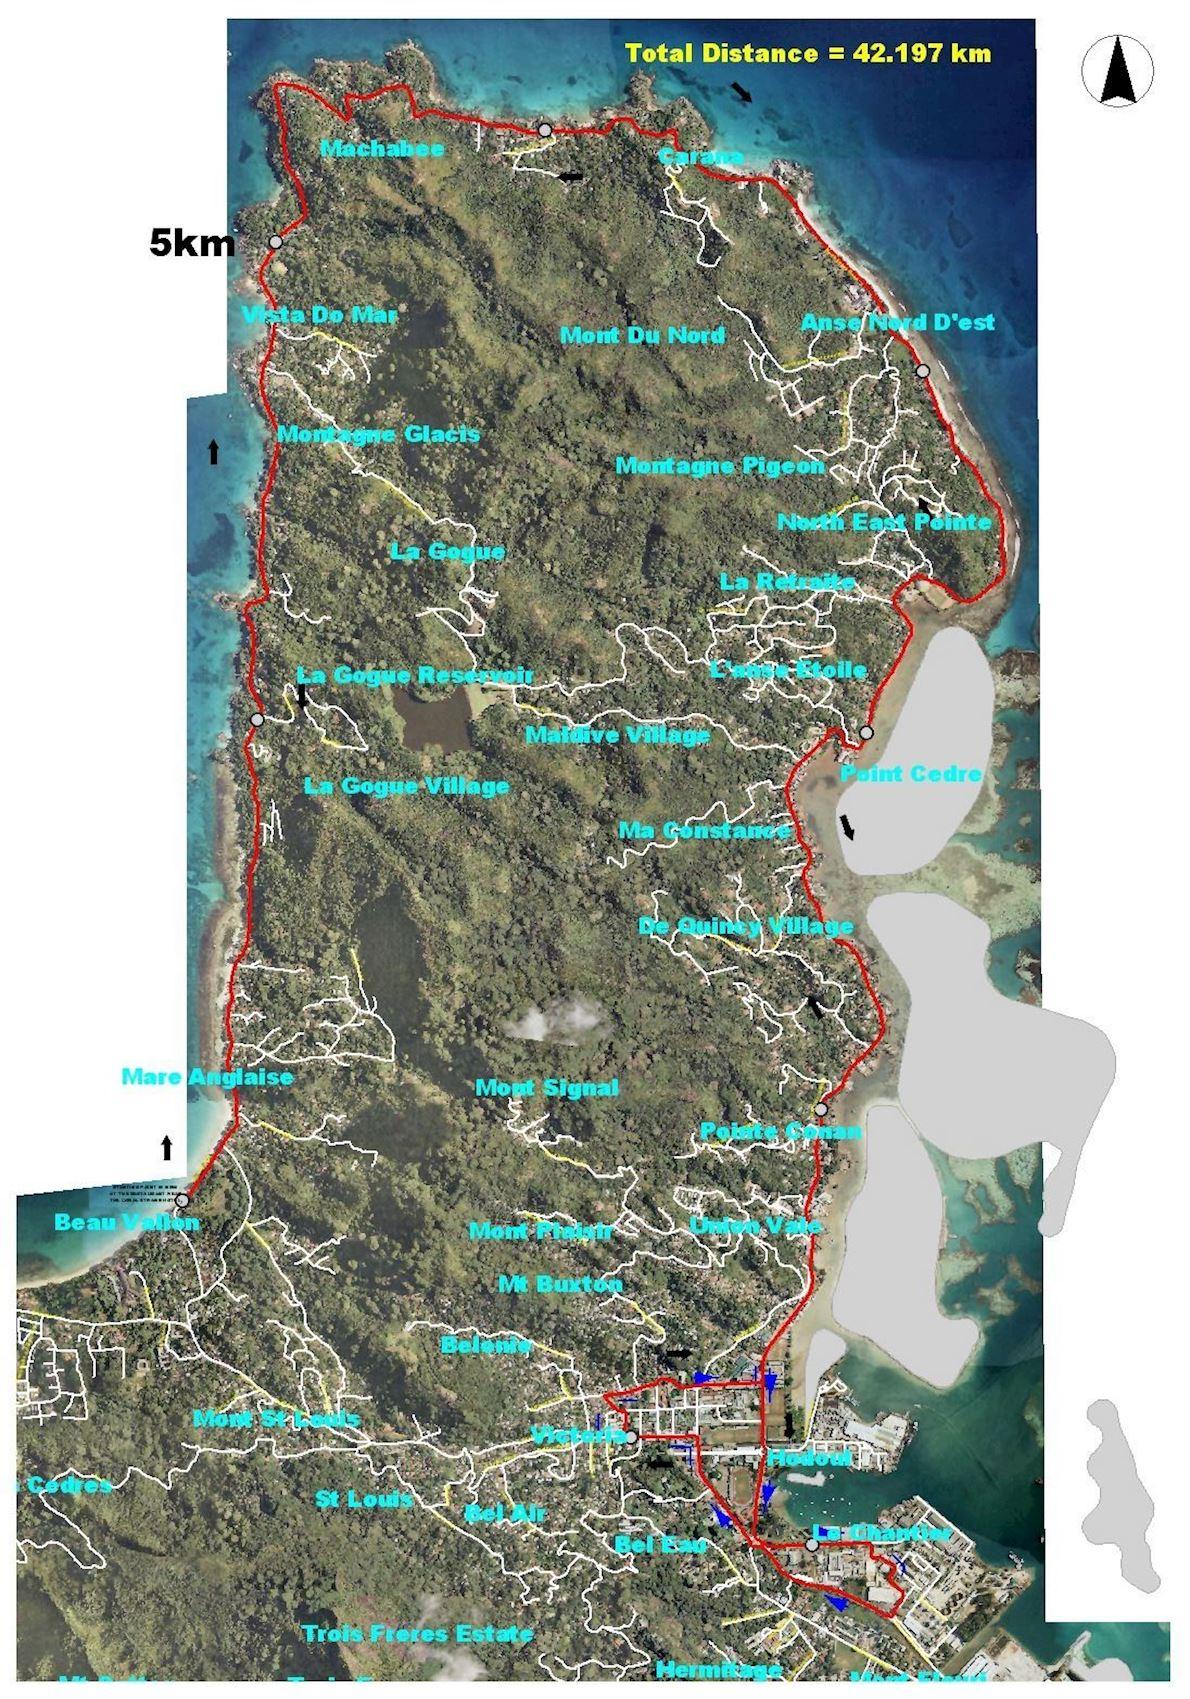 Seychelles Eco-Friendly marathon MAPA DEL RECORRIDO DE